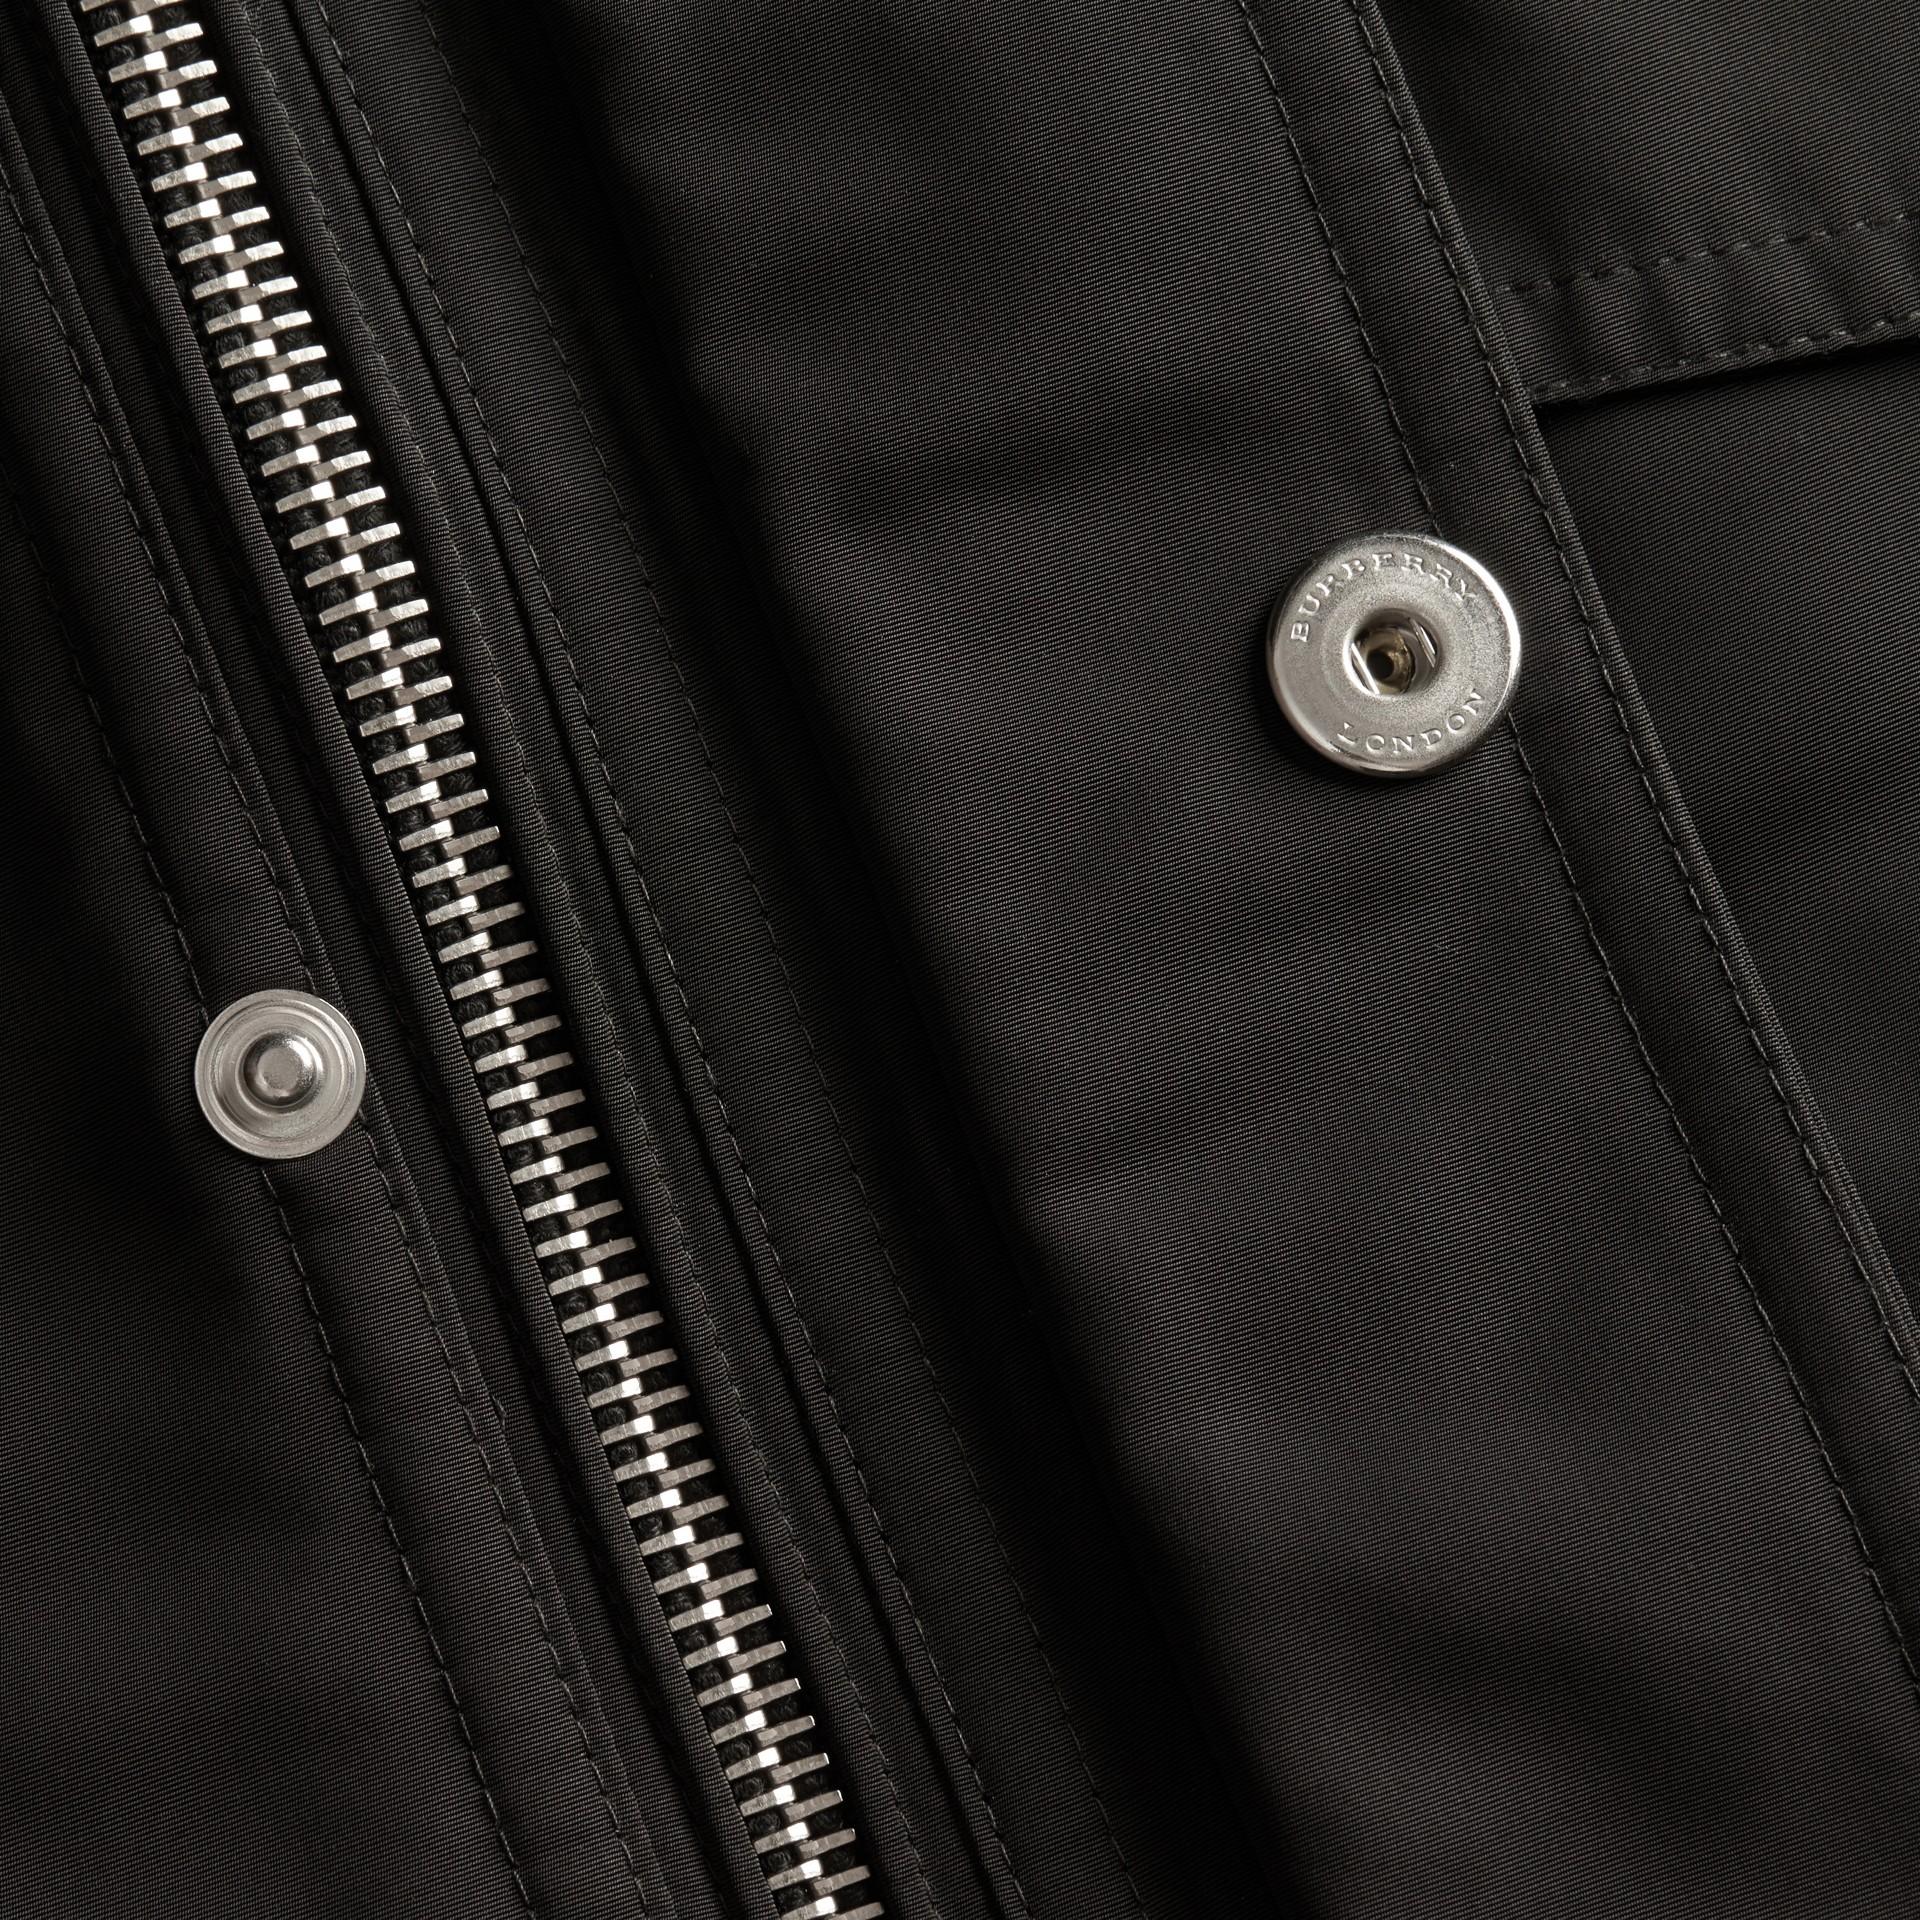 ブラック パックアウェイフード・フィールドジャケット - ギャラリーイメージ 2